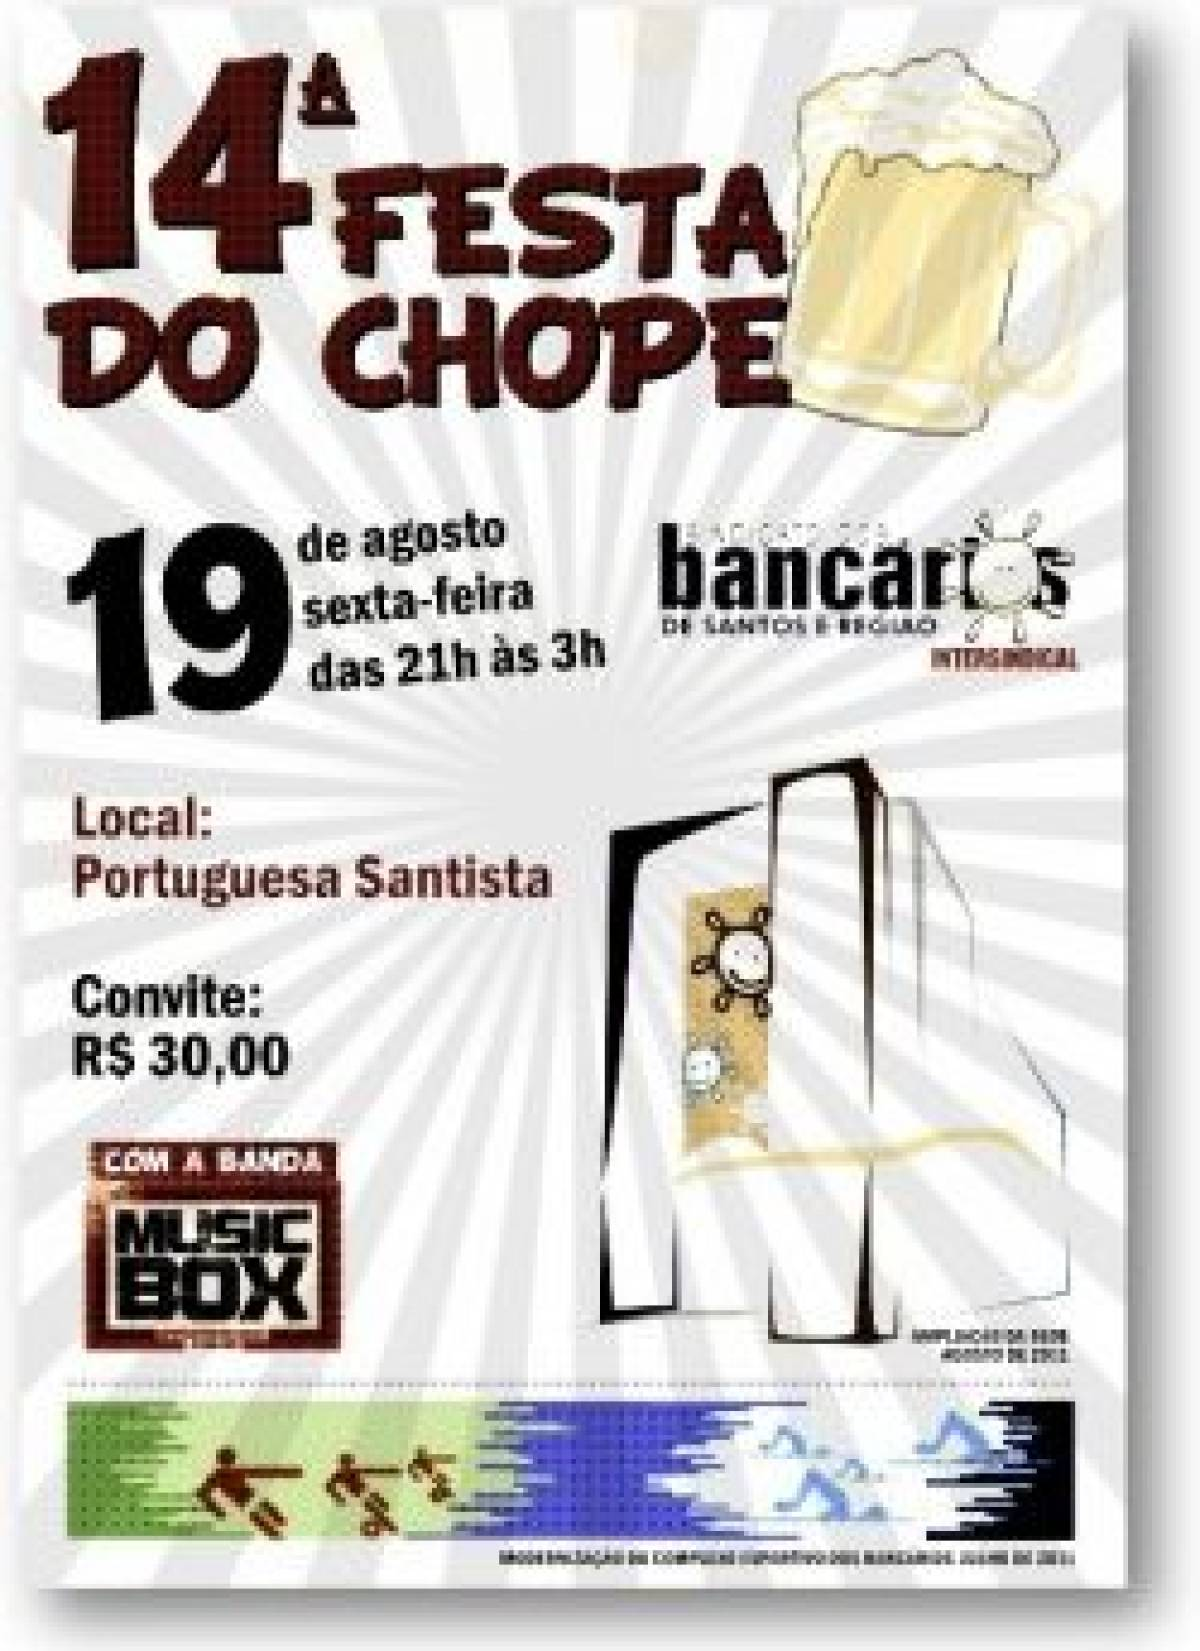 Hoje é dia da 14ª Festa do Chope -  Dia do Bancário